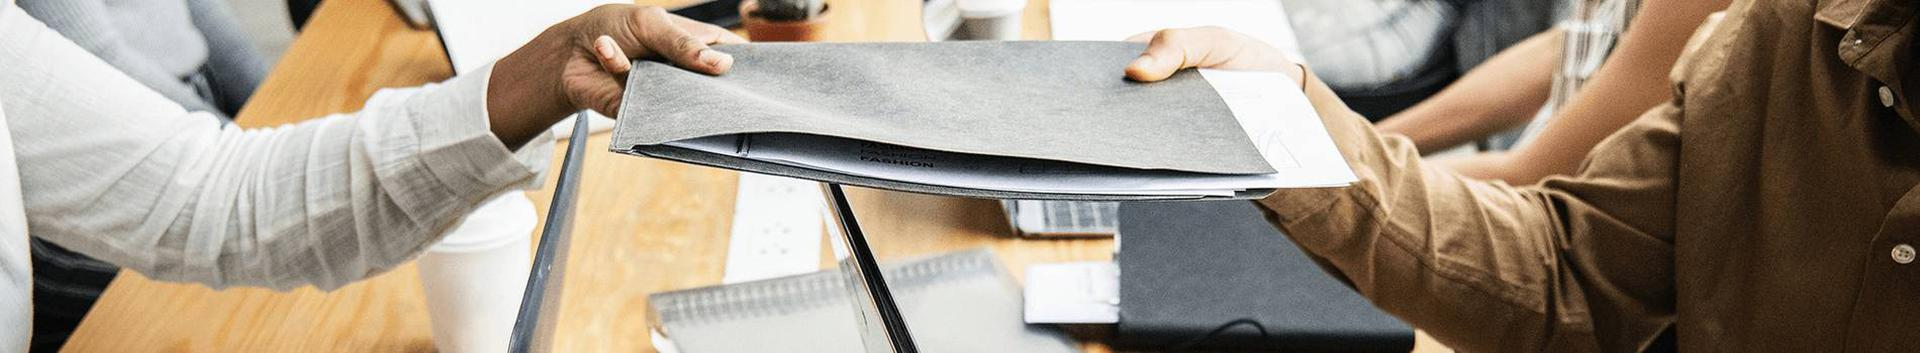 paber, papp ja nendest valmistatud tooted, köitematerjal, fotod, kirjatarbed, majapidamis- ja kantseleiliimid, kunstnikutarbed, pintslid, kirjutusmasinad ja kantseleitarbed (v.a mööbel), õppematerjal ja näitvahendid (v.a aparaadid)